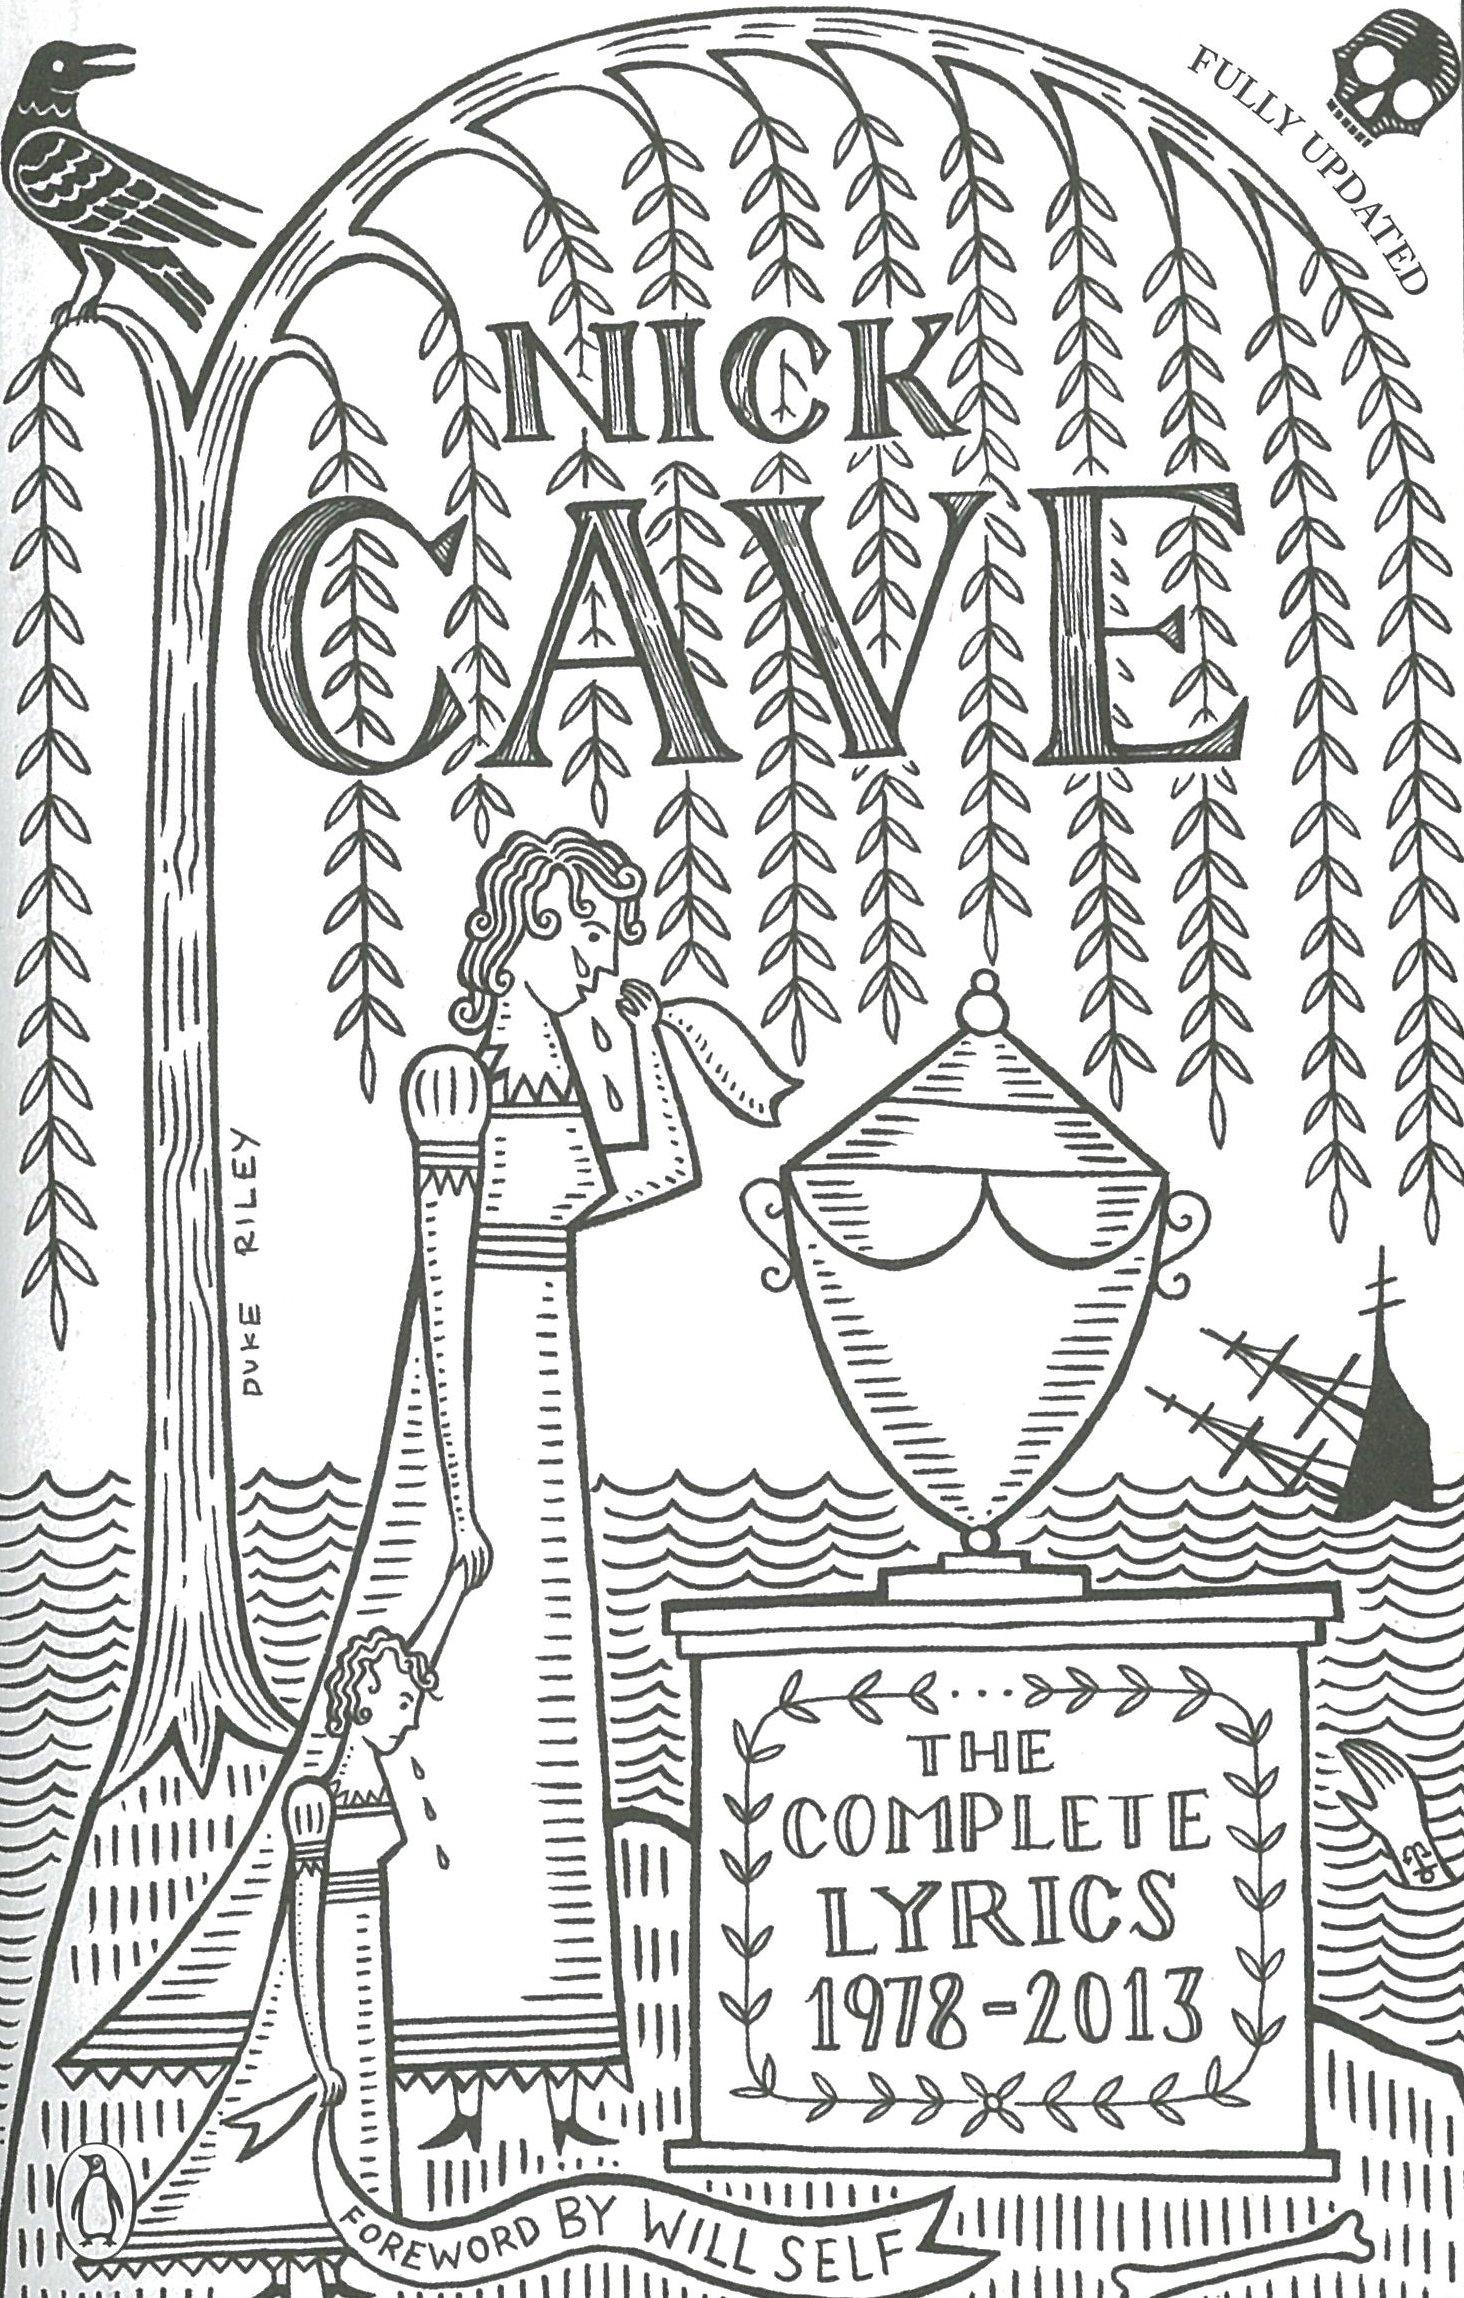 The Complete Lyrics 1978 2013 Amazoncouk Nick Cave 9780241966587 Books